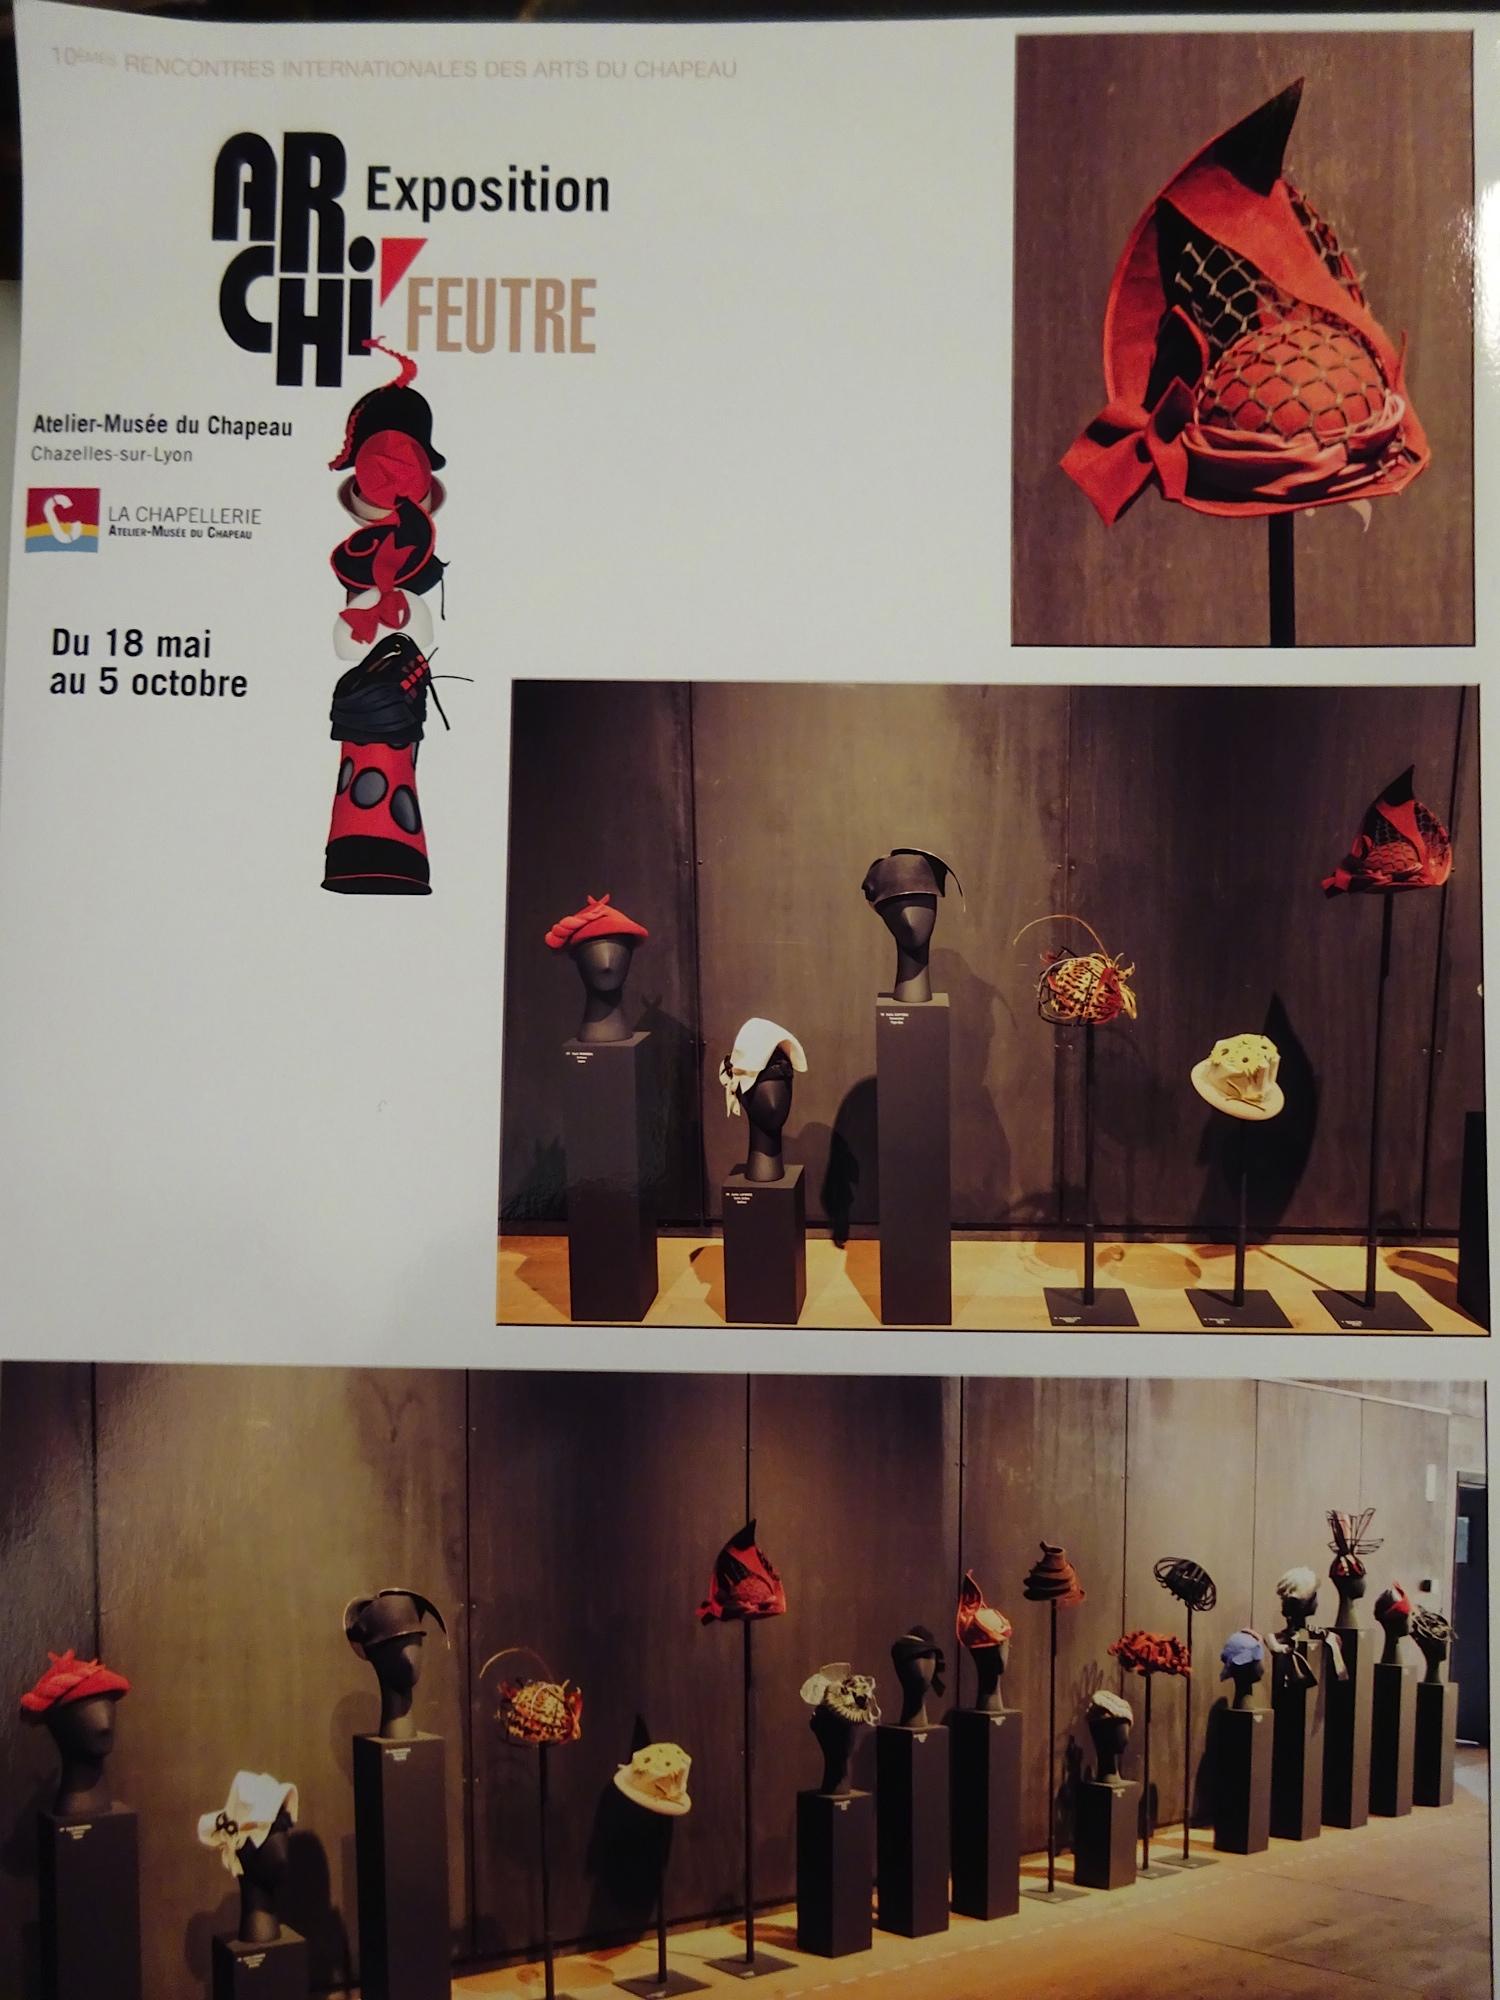 Atelier-Musée du Chapeau - 2014 Exposition